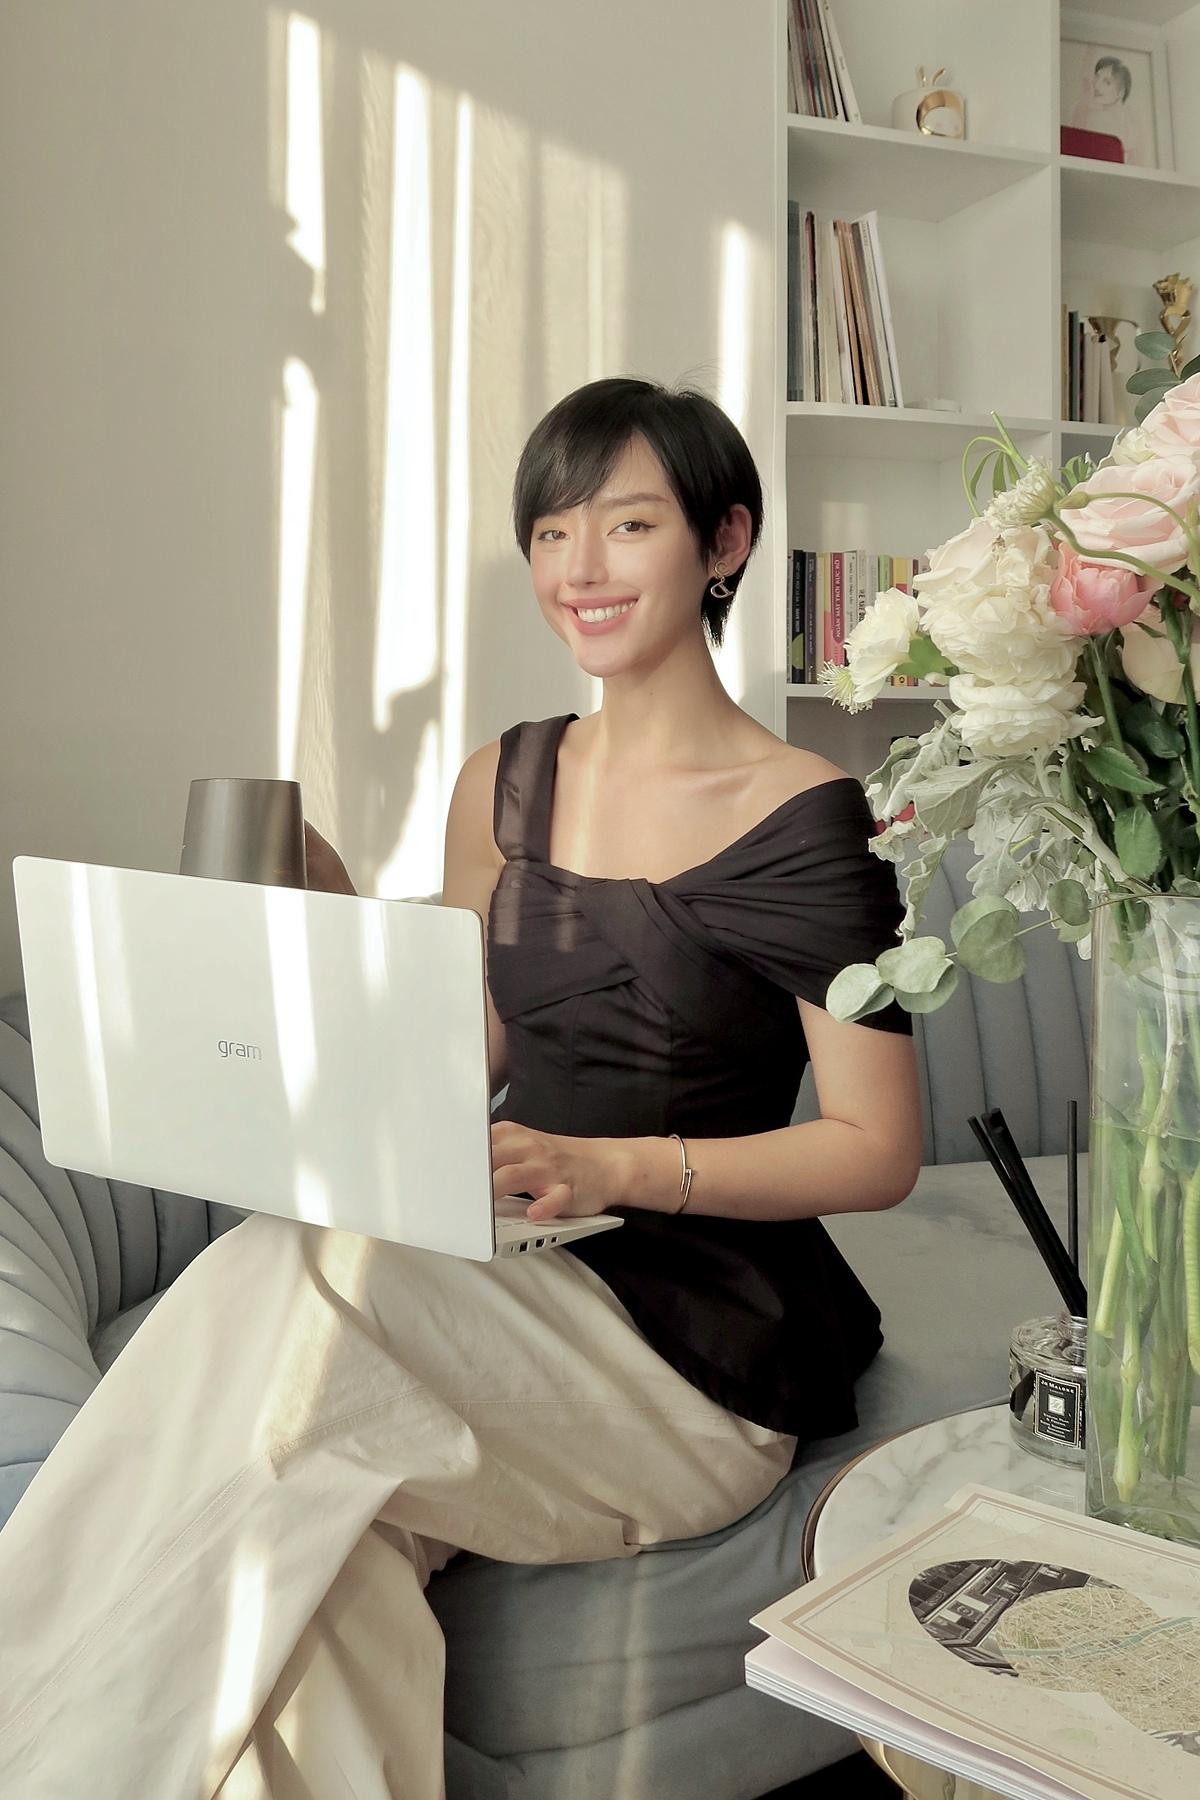 Khánh Linh chia sẻ: Tôi thích những thứ đơn giản, gọn nhẹ. Đối với nhà cửa hay công việc cũng vậy. Dù làm việc ở nhà hay khi ra ngoài, chỉ cần một chiếc laptop nhẹ nhàng là mình đã có thể xử lý được mọi công việc rồi. Trong ảnh,căn phòng khách ngập nắng là góc làm việc yêu thích của Khánh Linh.